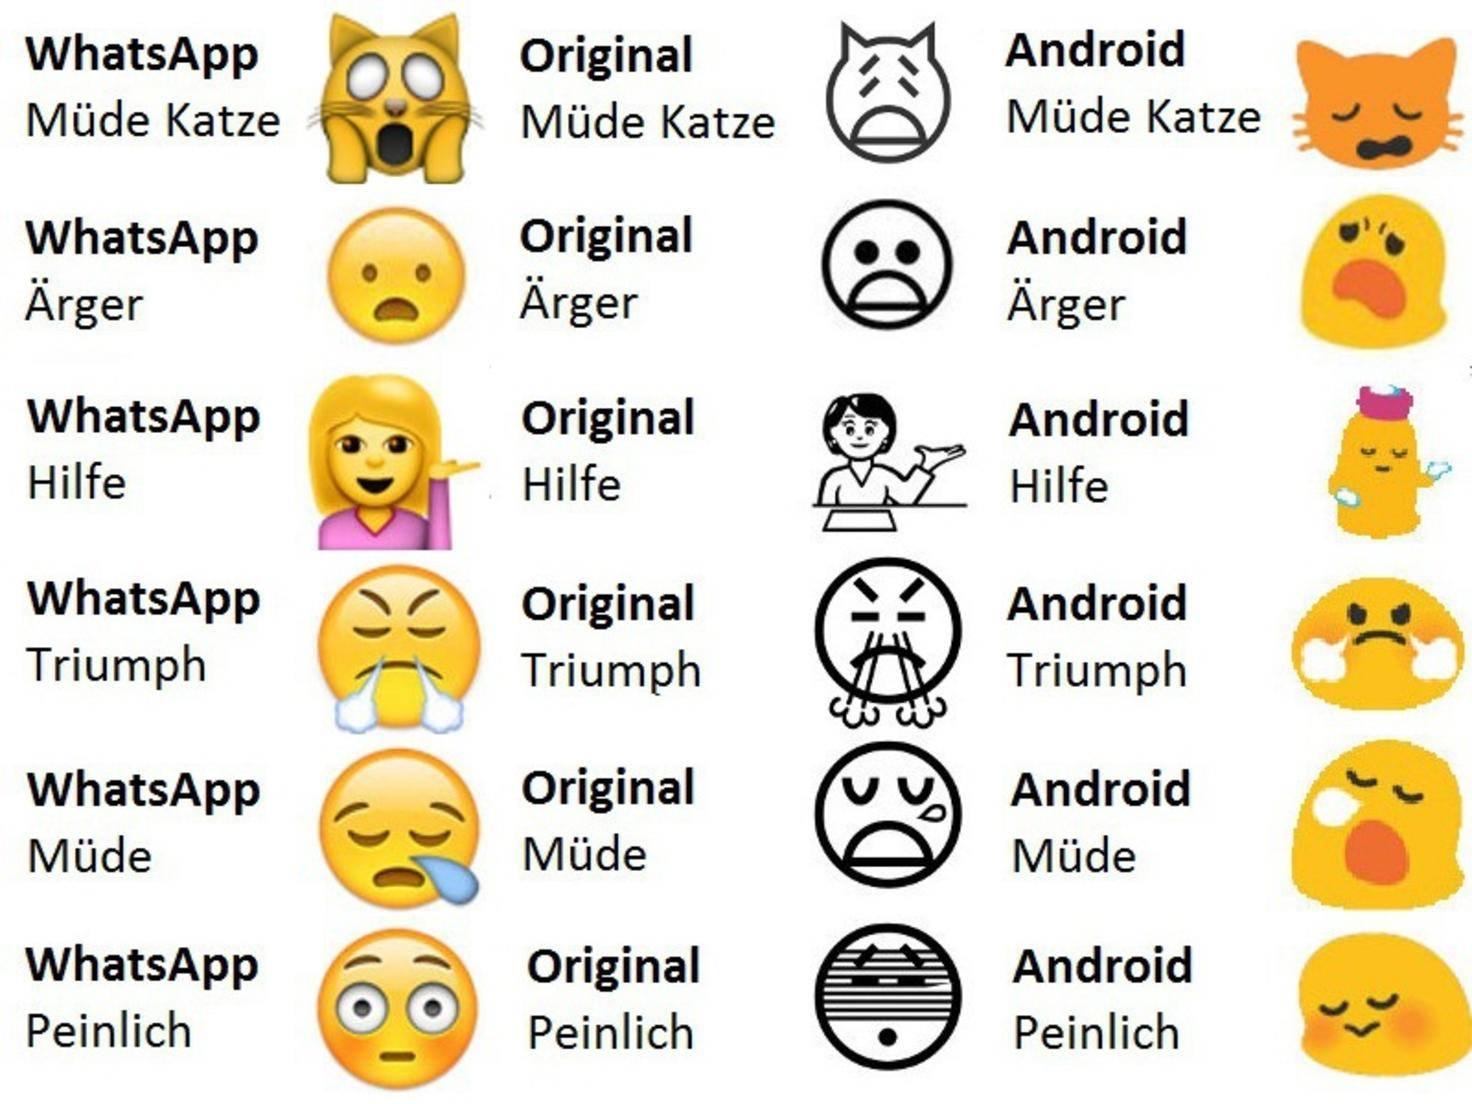 6 merkwürdige WhatsApp-Emojis und ihre wahre Bedeutung